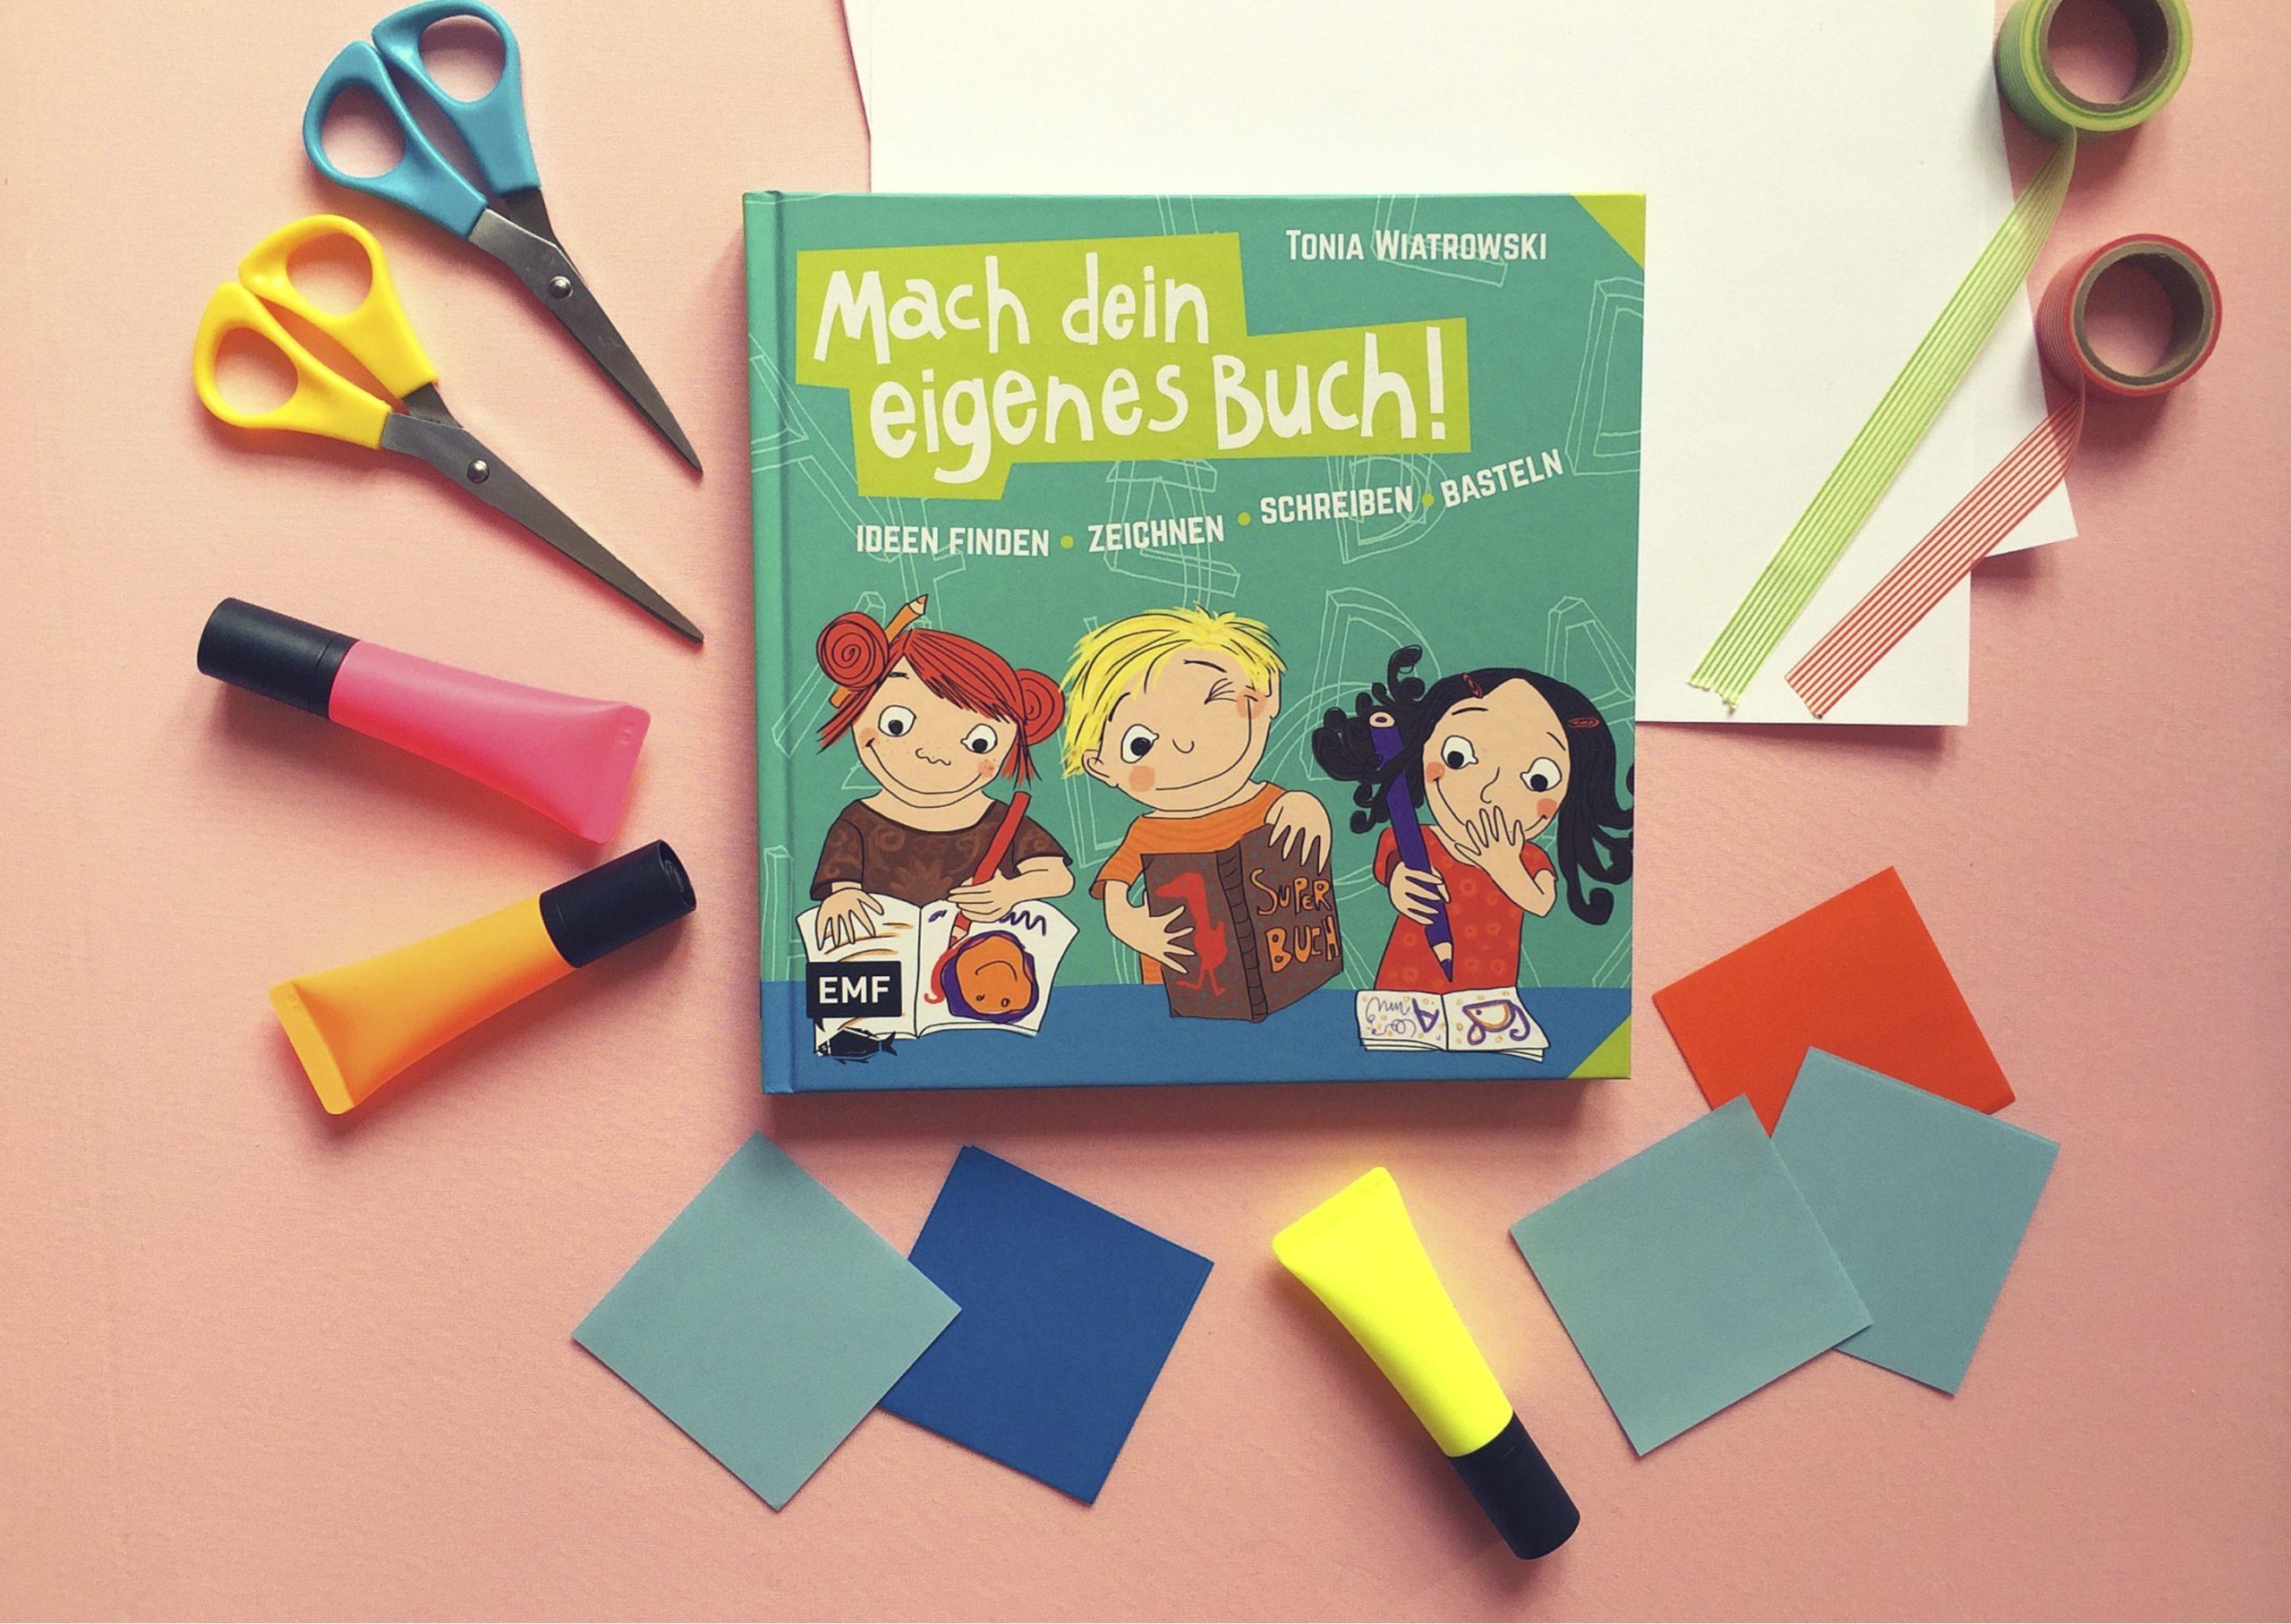 Bücher selber machen ganz leicht https://www.meinesvenja.de/wp/